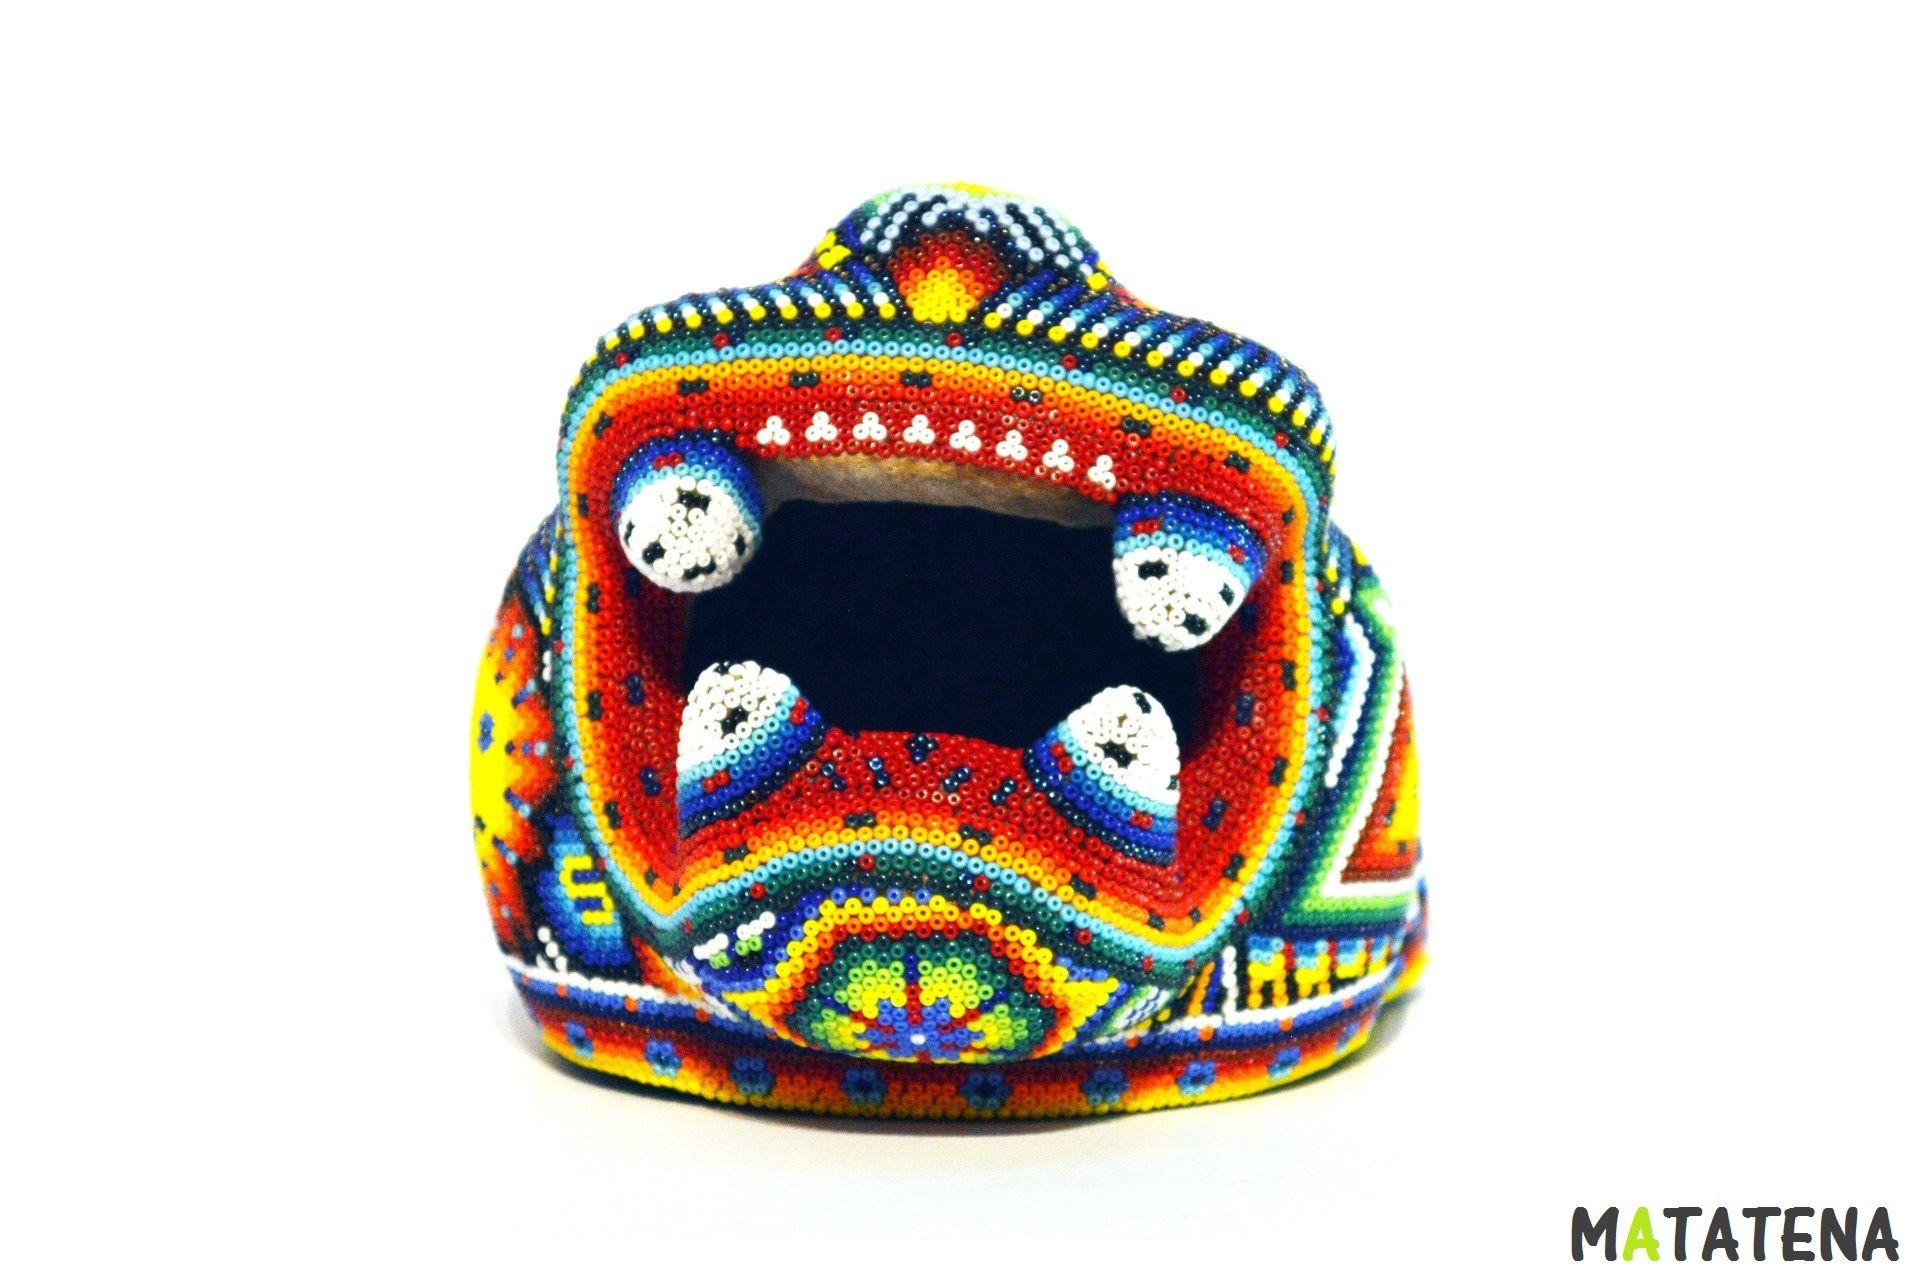 Cabeza De Jaguar Huichol Mediana Medidas 13 5 X 13 5 X 15 5 Cm Artesania Huichol Huichol Arte Huichol